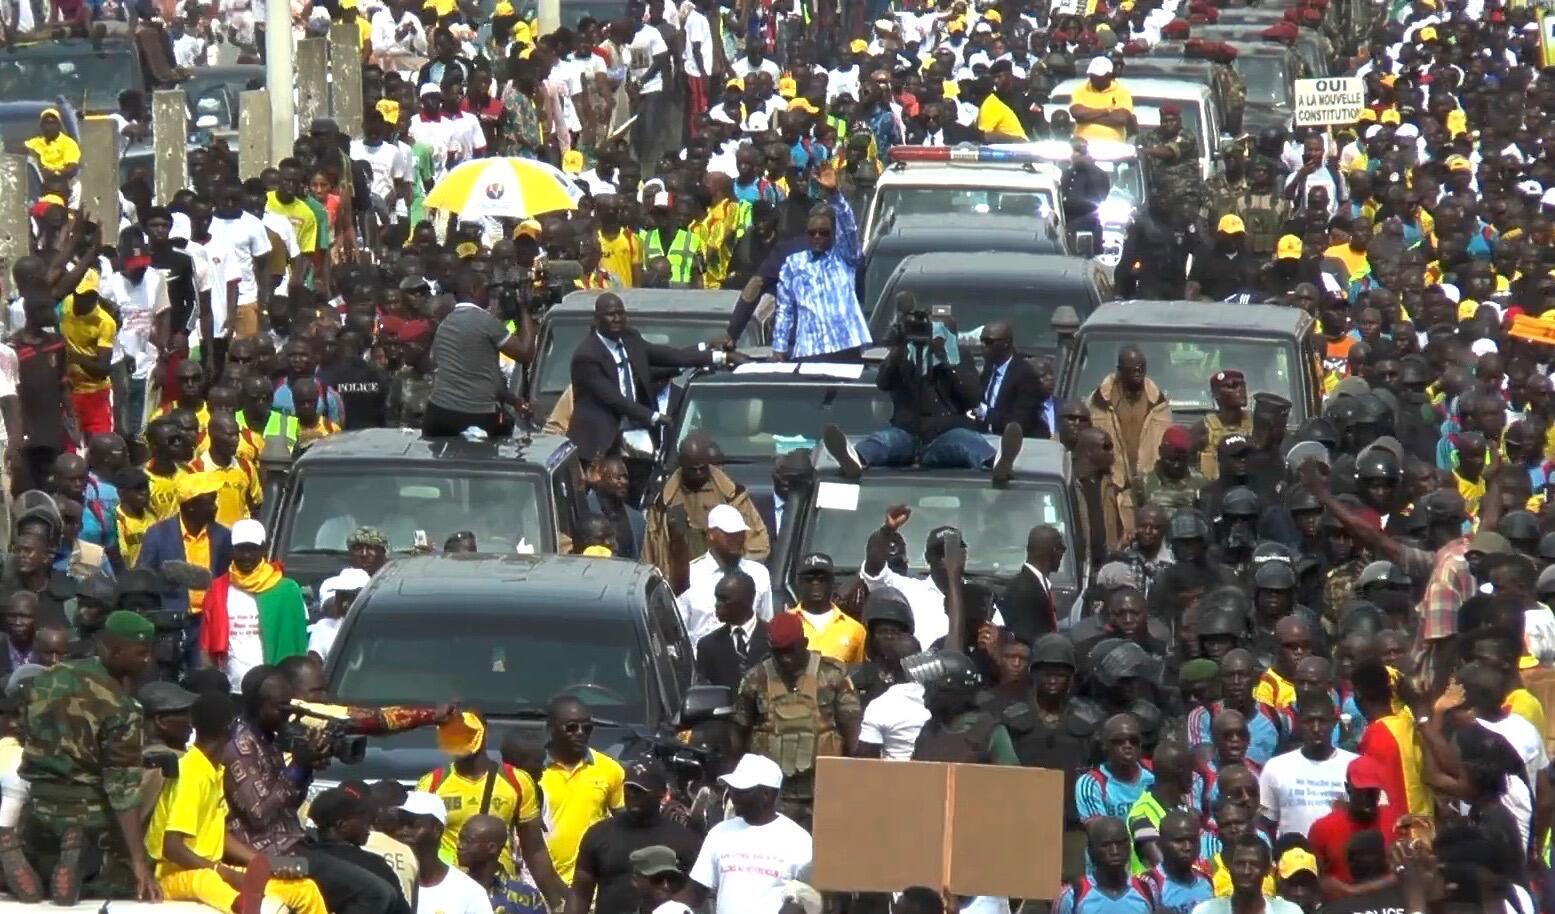 Le président guinéen Alpha Condé, en chemise bleue au milieu des militants venus le soutenir, lors d'une manifestation le 31 octobre 2019.